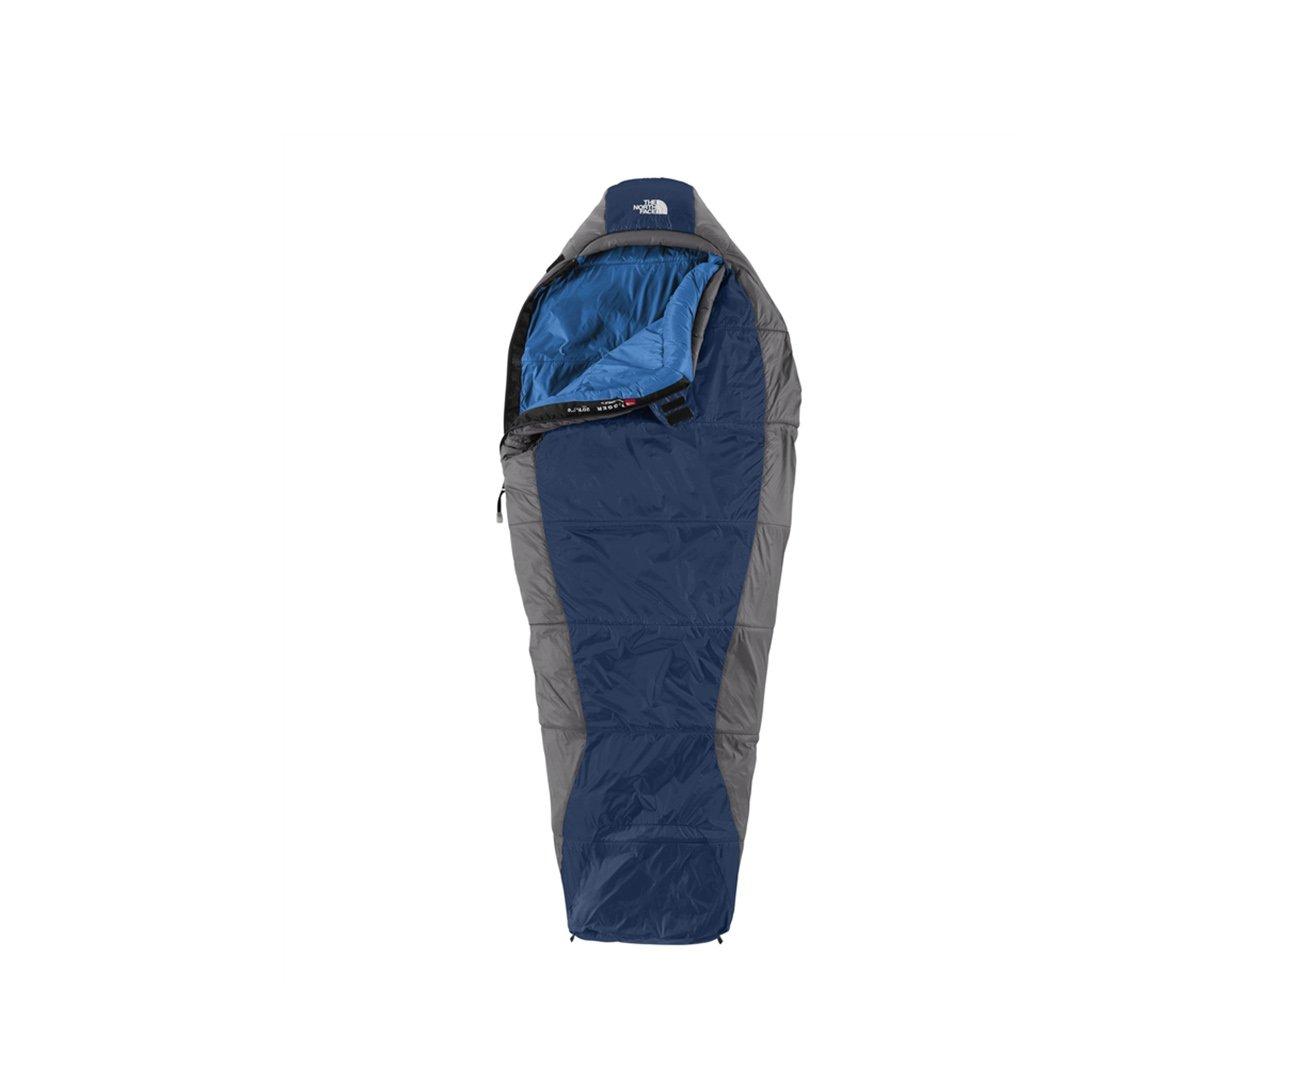 Saco De Dormir Super Cat 20°f / -7°c Azul/cinza Juvenil - The North Face